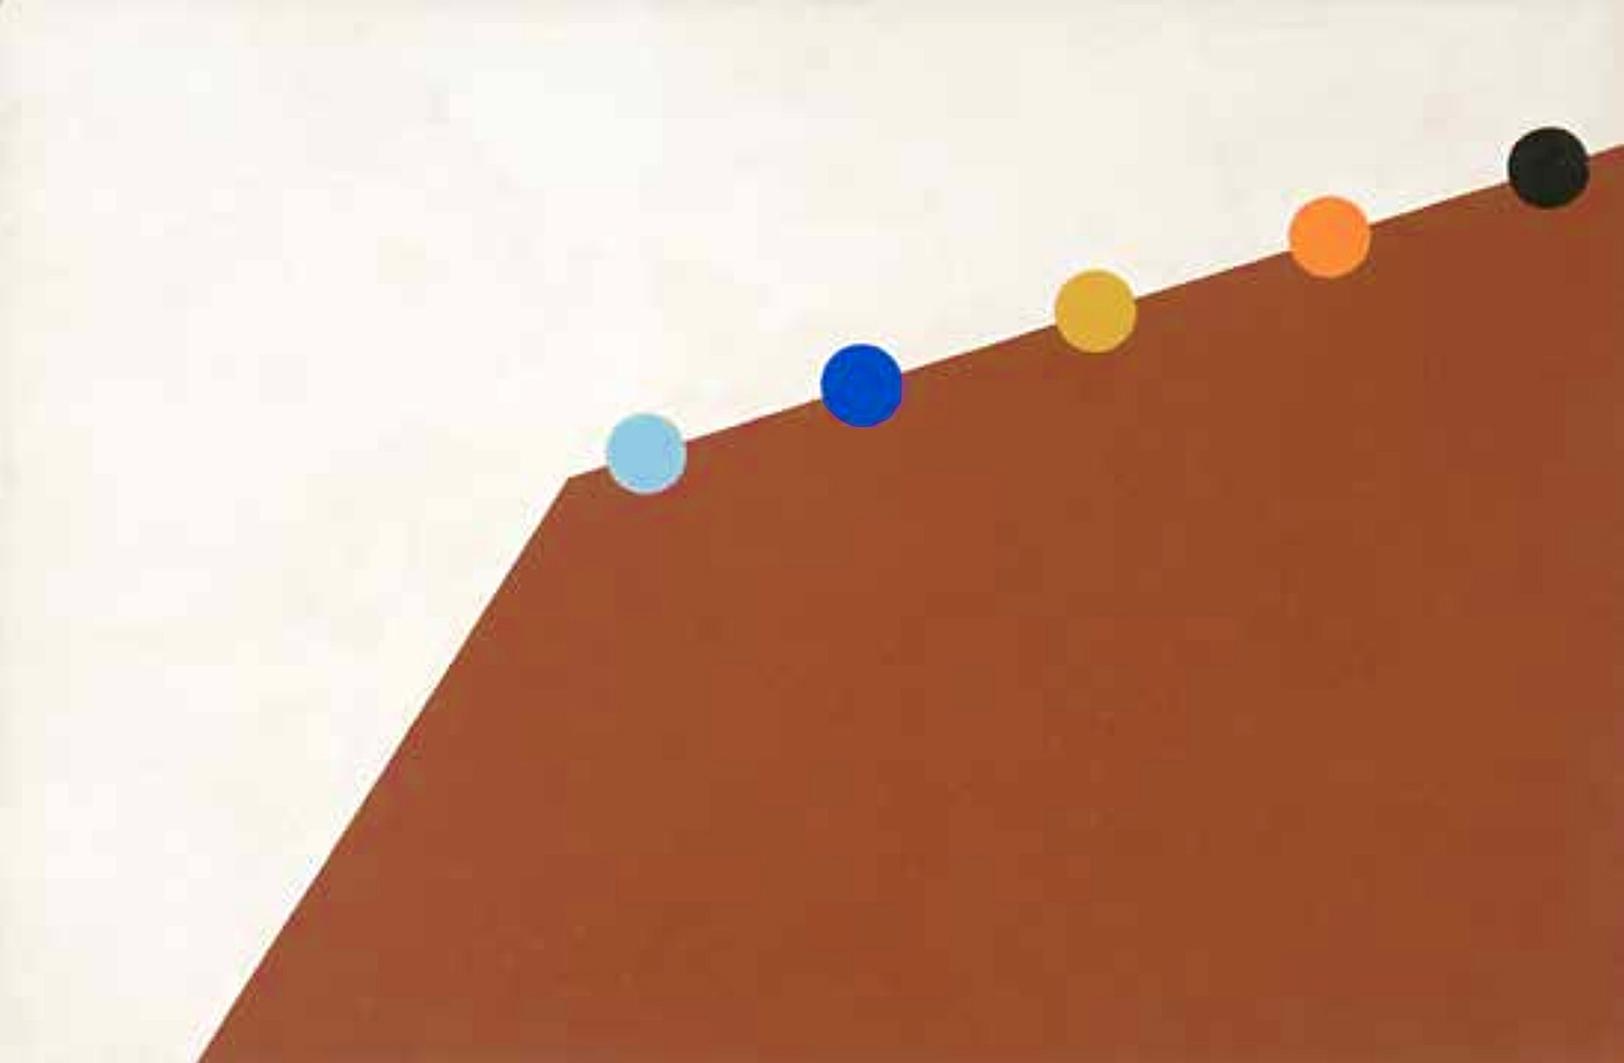 Емануель Проуллер. П'ять кіл між світлим і коричневим, 1960; картон, гуаш